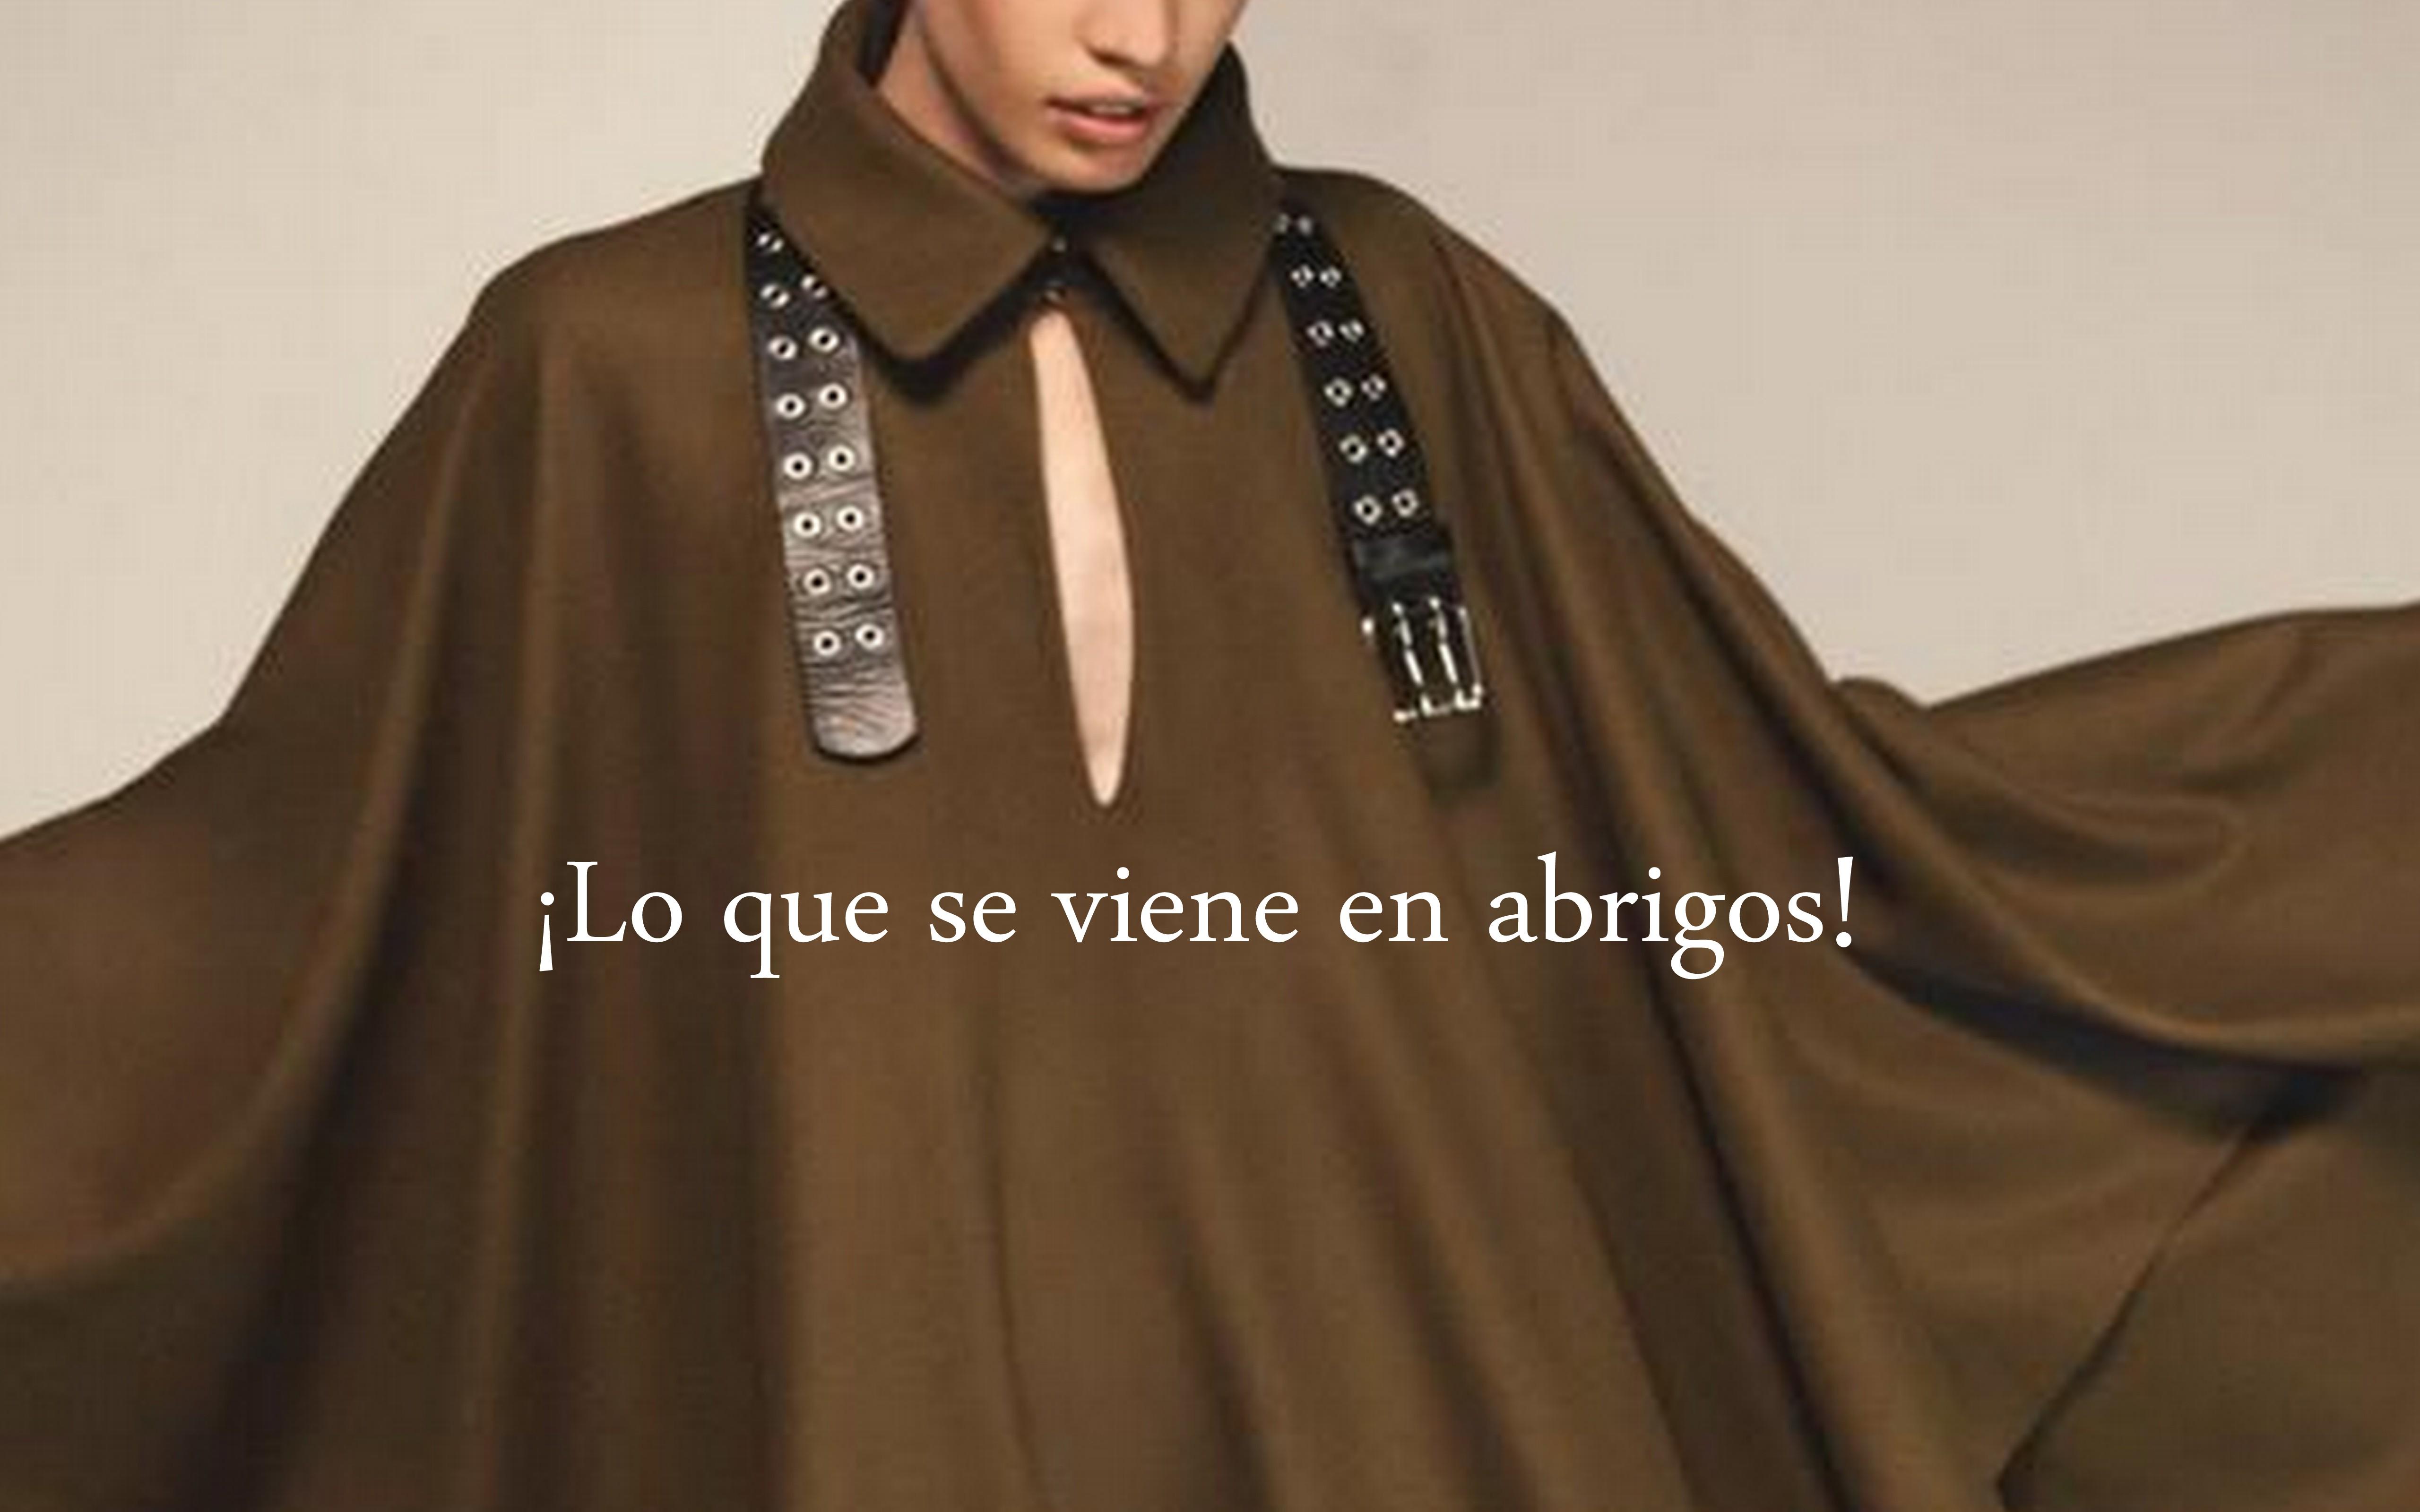 abrigos6